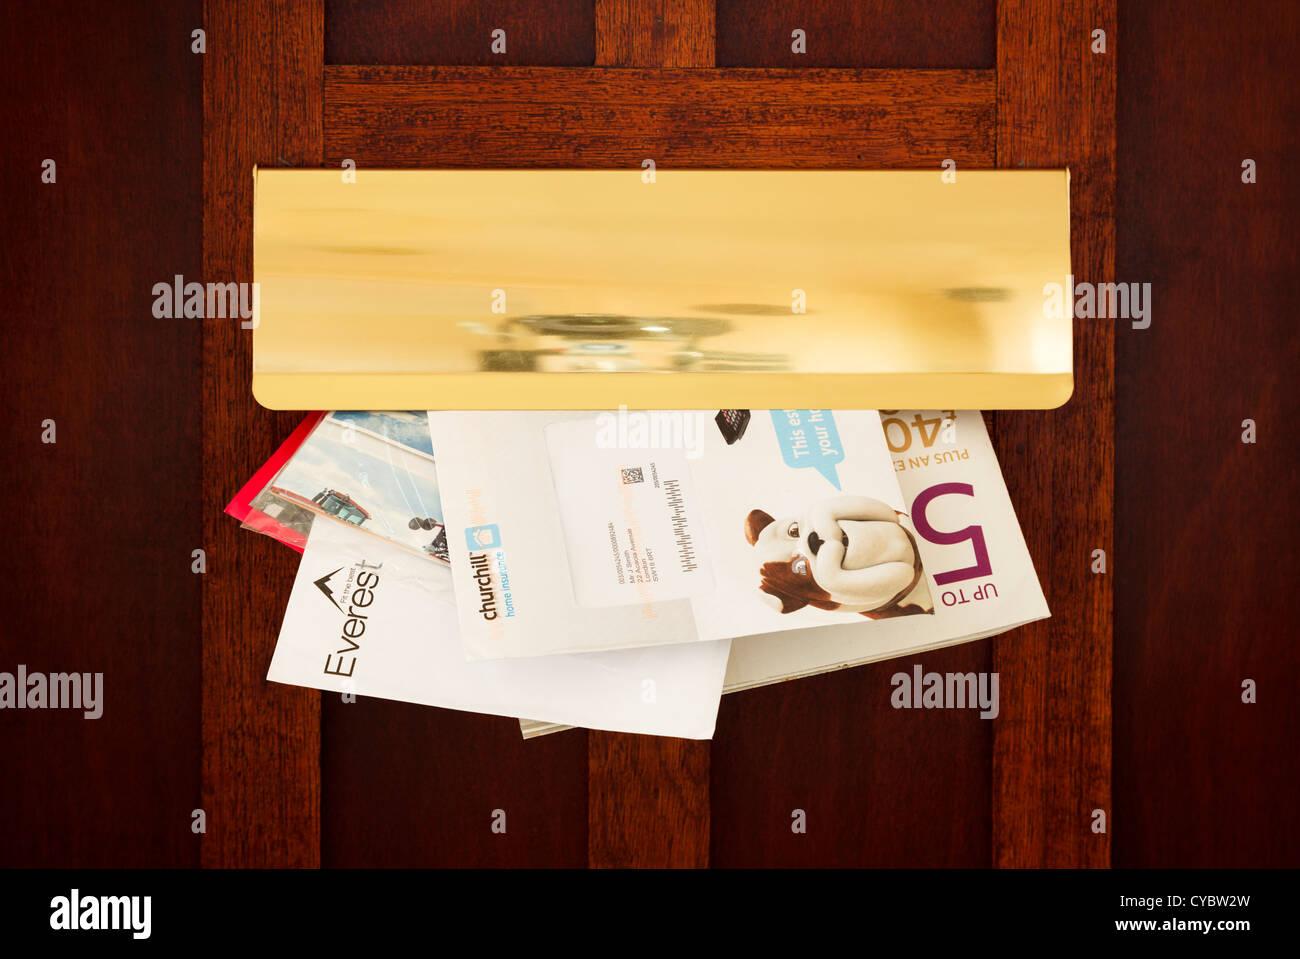 Briefe und Junk-e-Mail kommt durch einen Briefkasten, UK - Details geändert, für die Sicherheit Stockbild